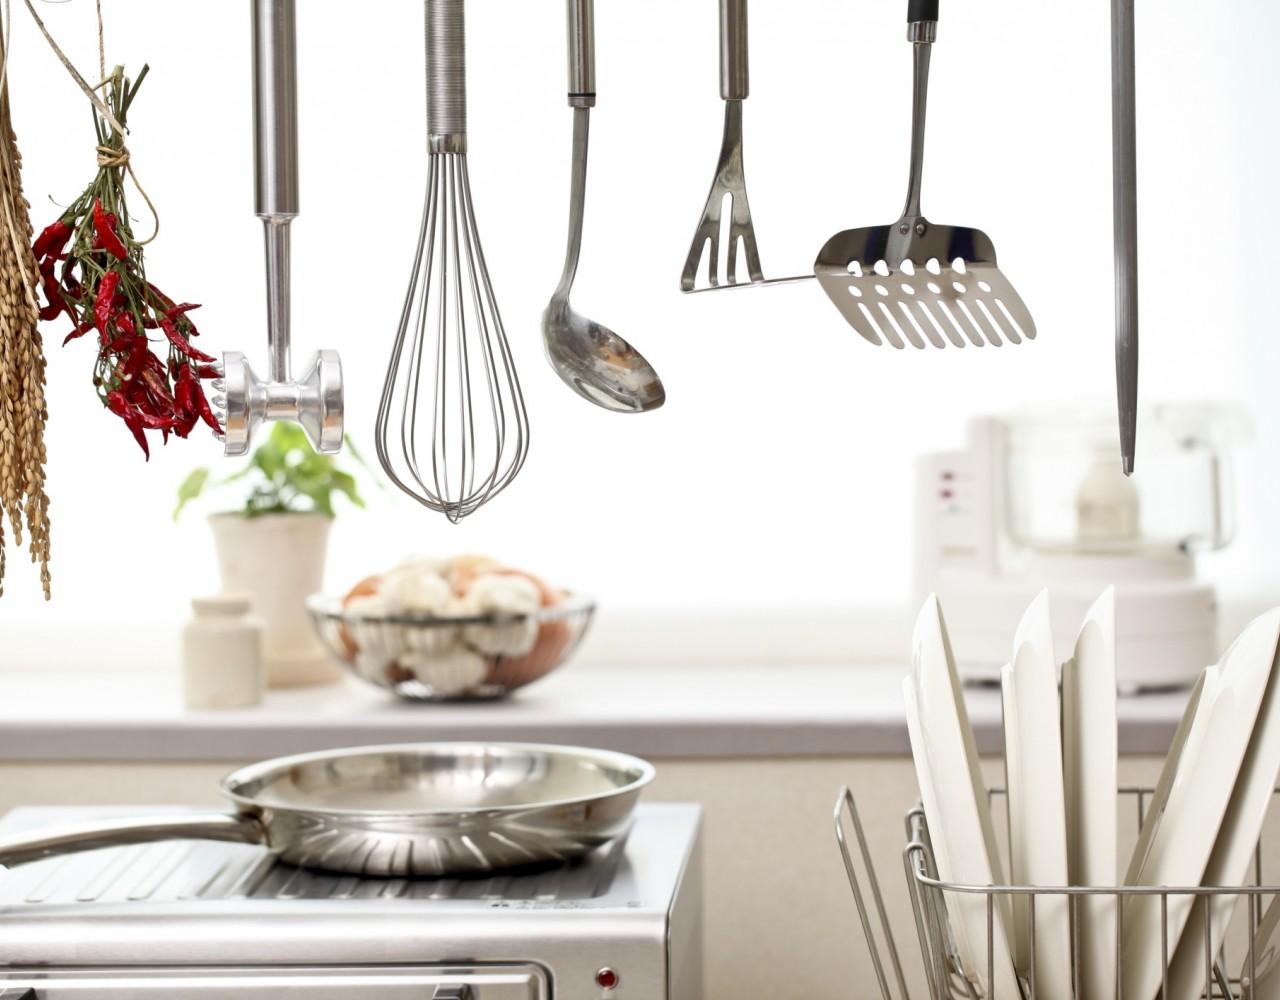 Magasin de vente des quipements cuisine professionnel chr for Chr professionnel